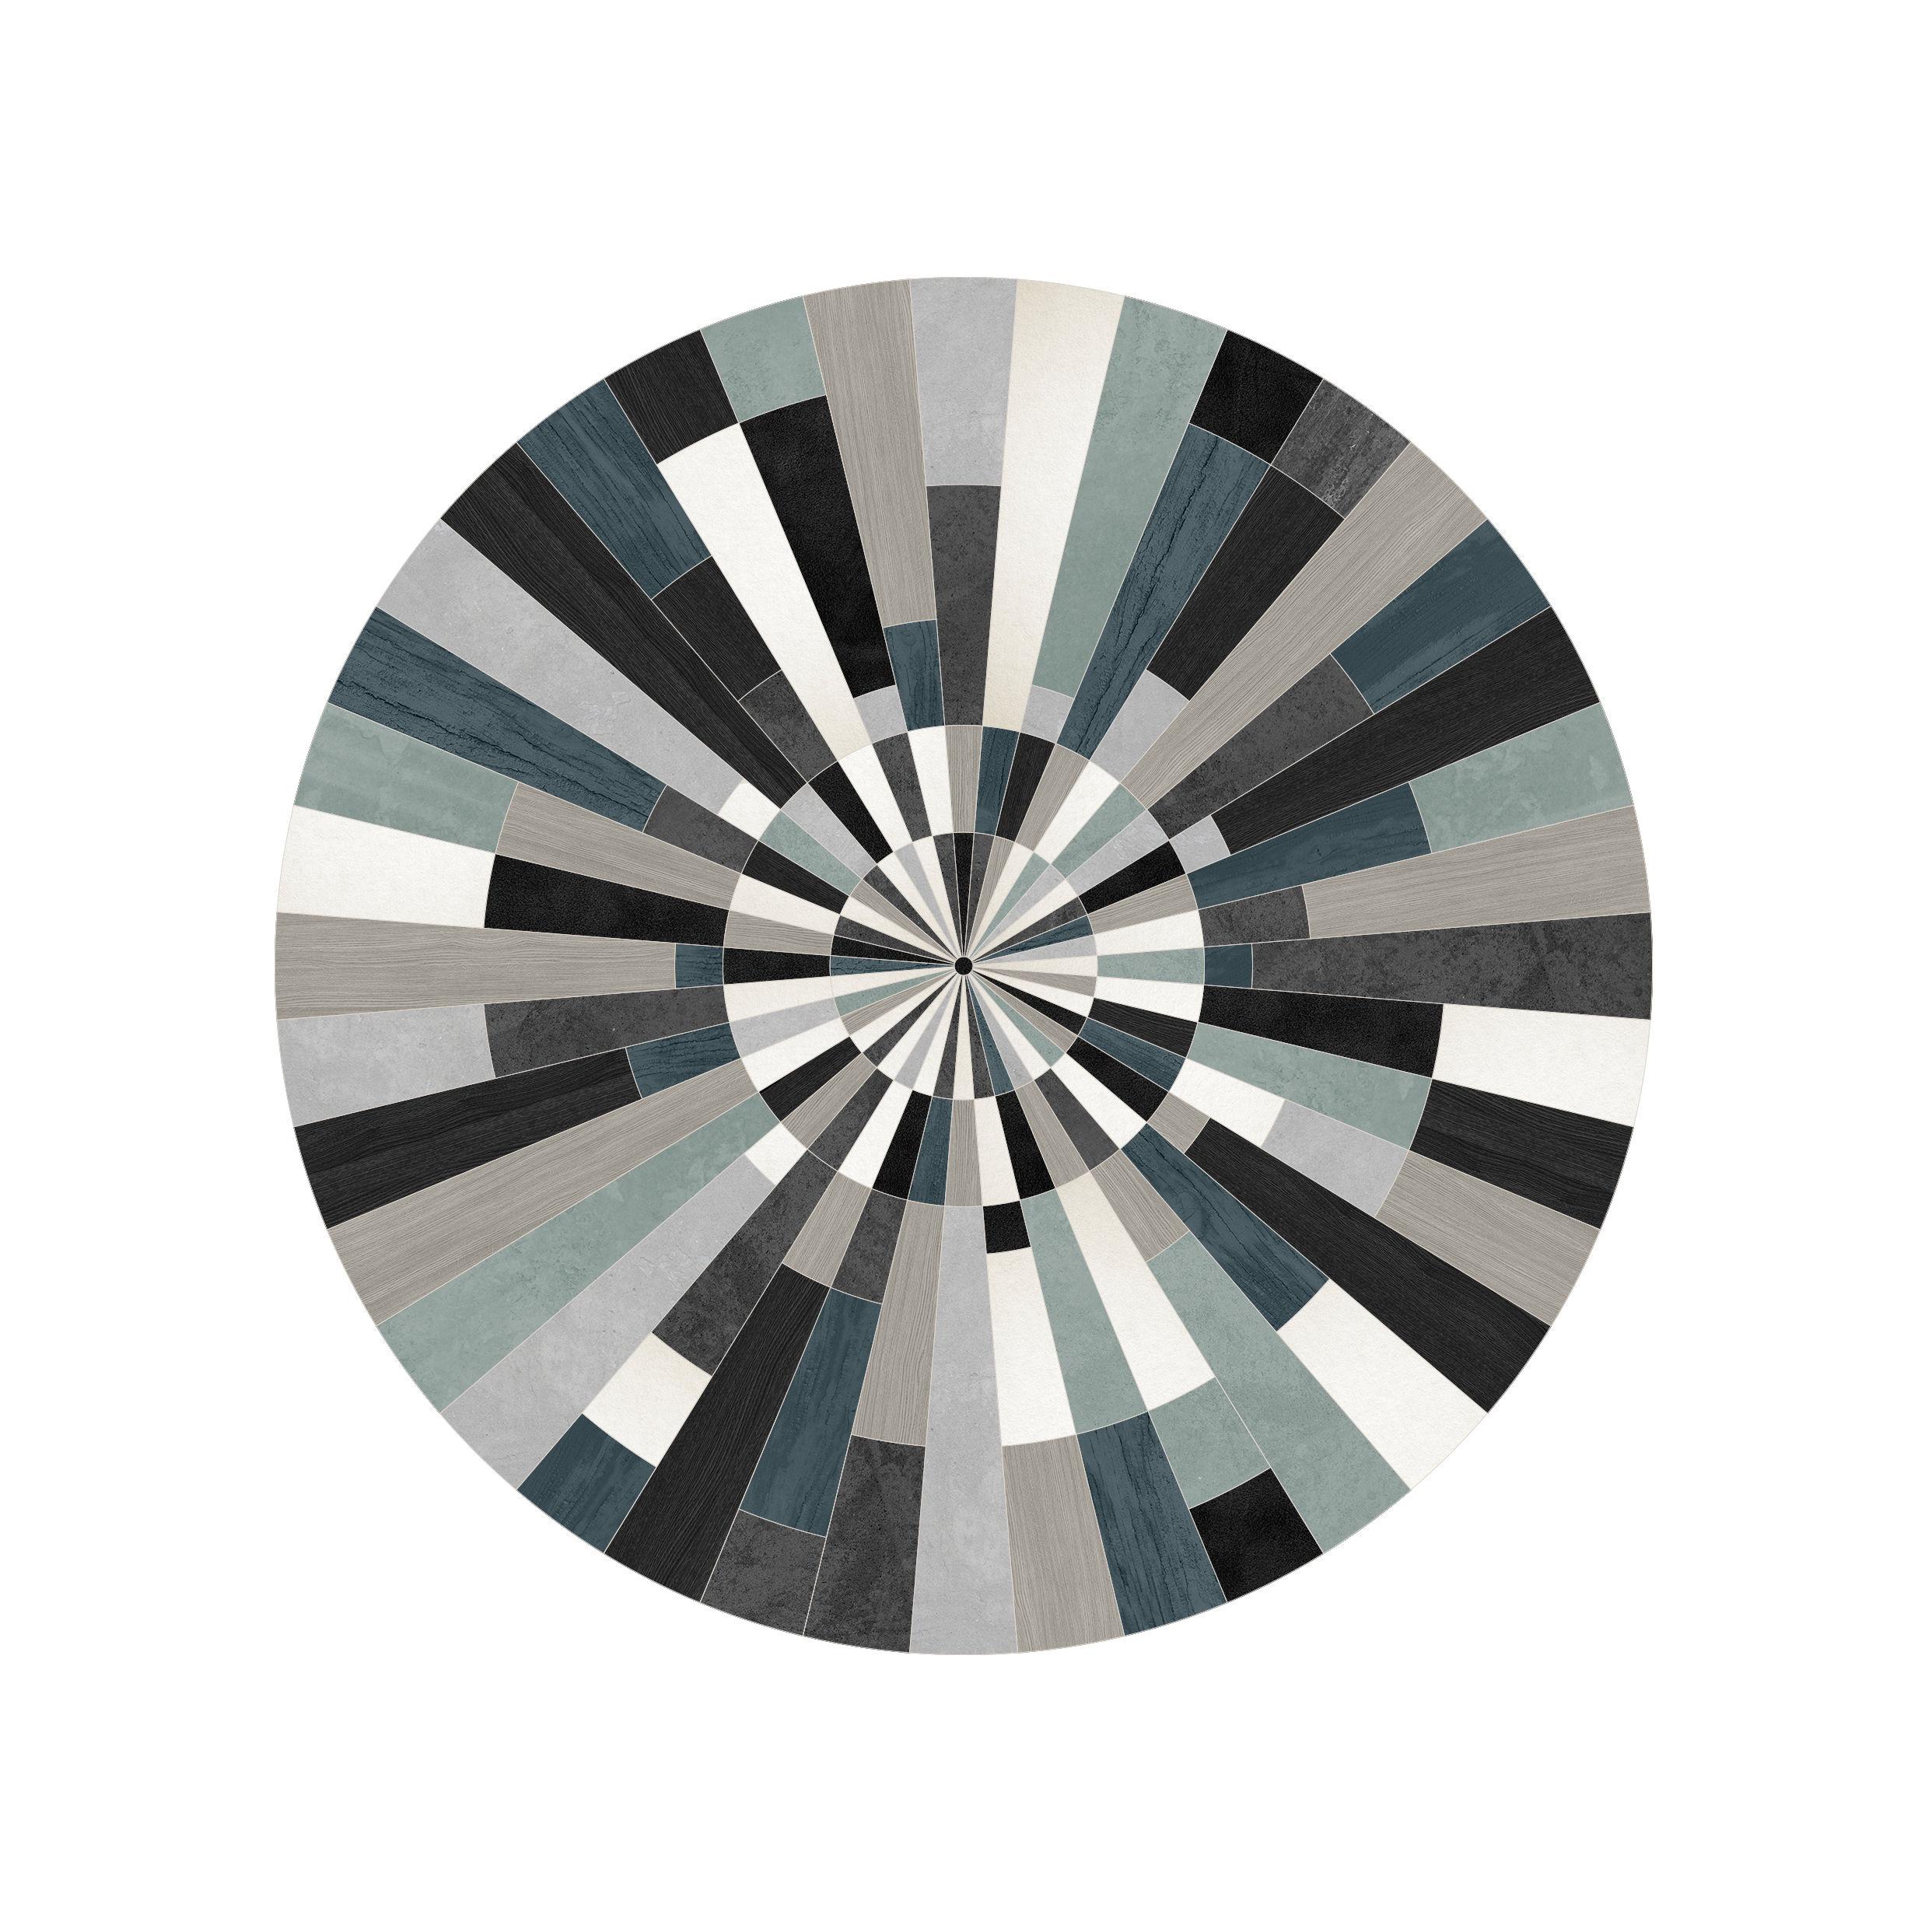 Outdoor - Decorazioni e accessori - Tappeto Fragments - / Ø 99 cm - Vinile di PÔDEVACHE - Frammenti / Blu, nero & grigio - Vinile